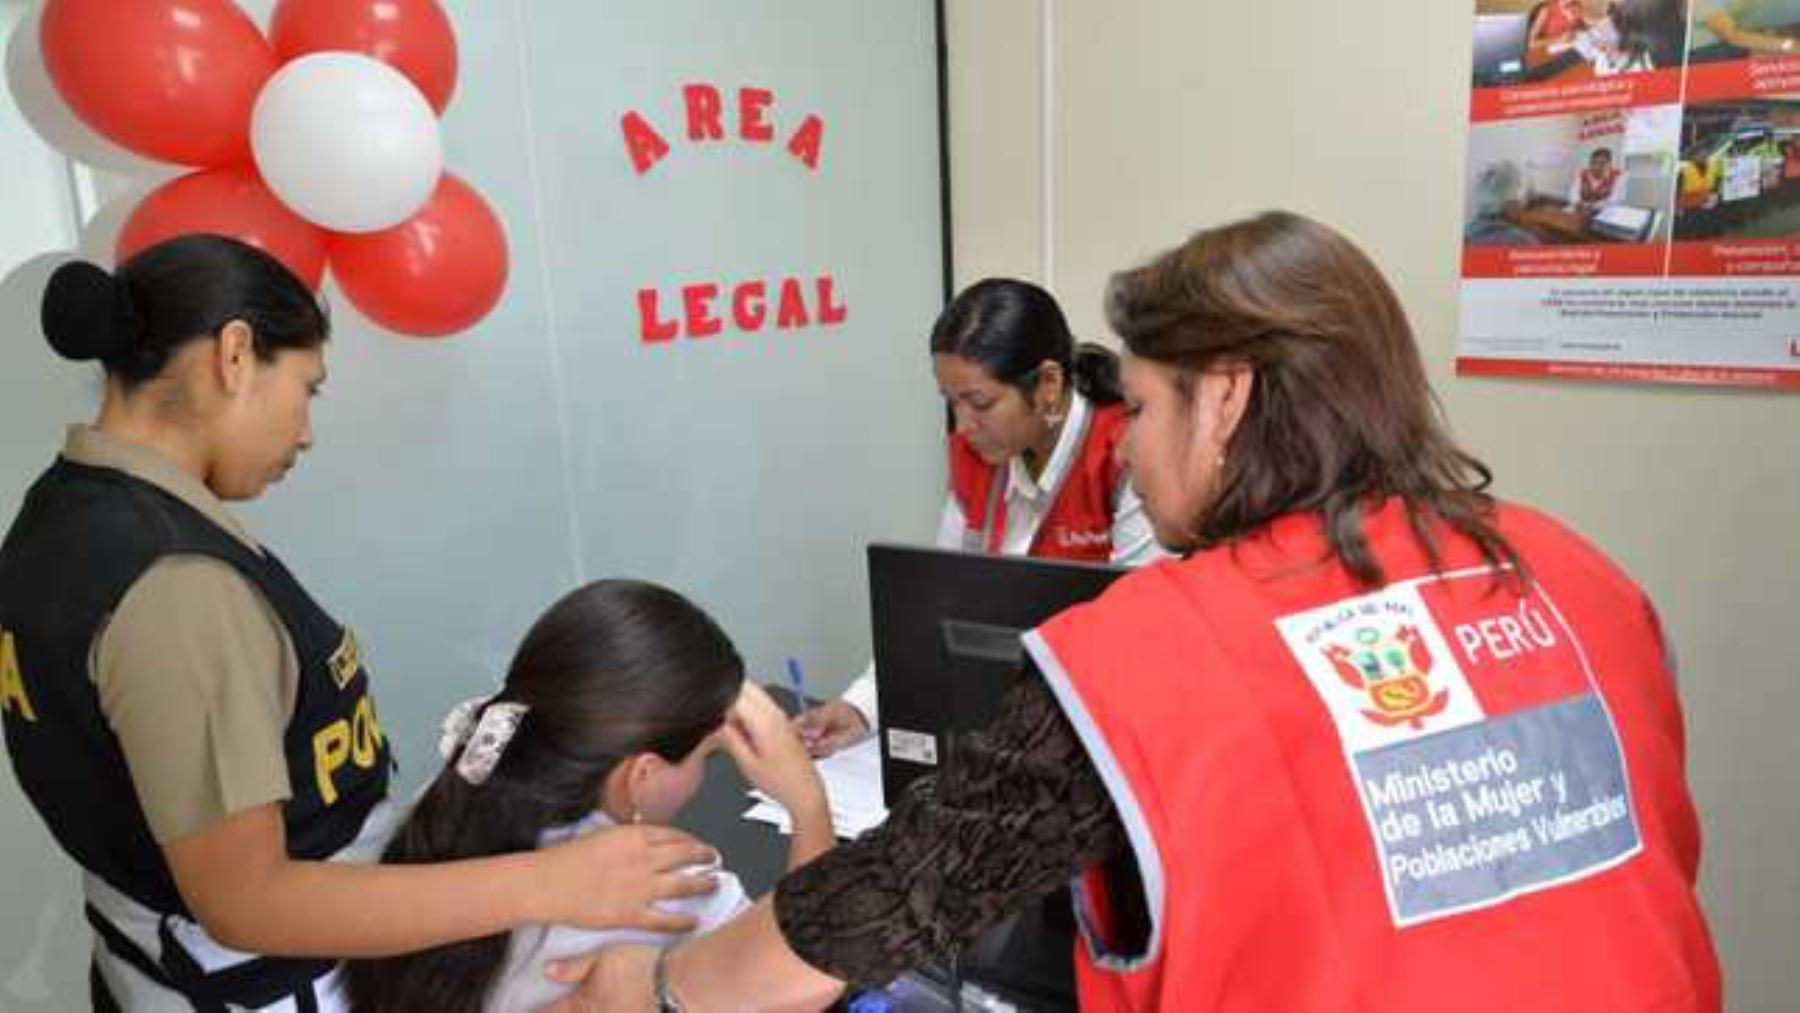 Un equipo del Centro Emergencia Mujer (CEM) comisaría Santa Bárbara, interviene en el caso de un presunto feminicidio en la provincia de San Román, región Puno, informó el Ministerio de la Mujer y Poblaciones Vulnerables (Mimp). ANDINA